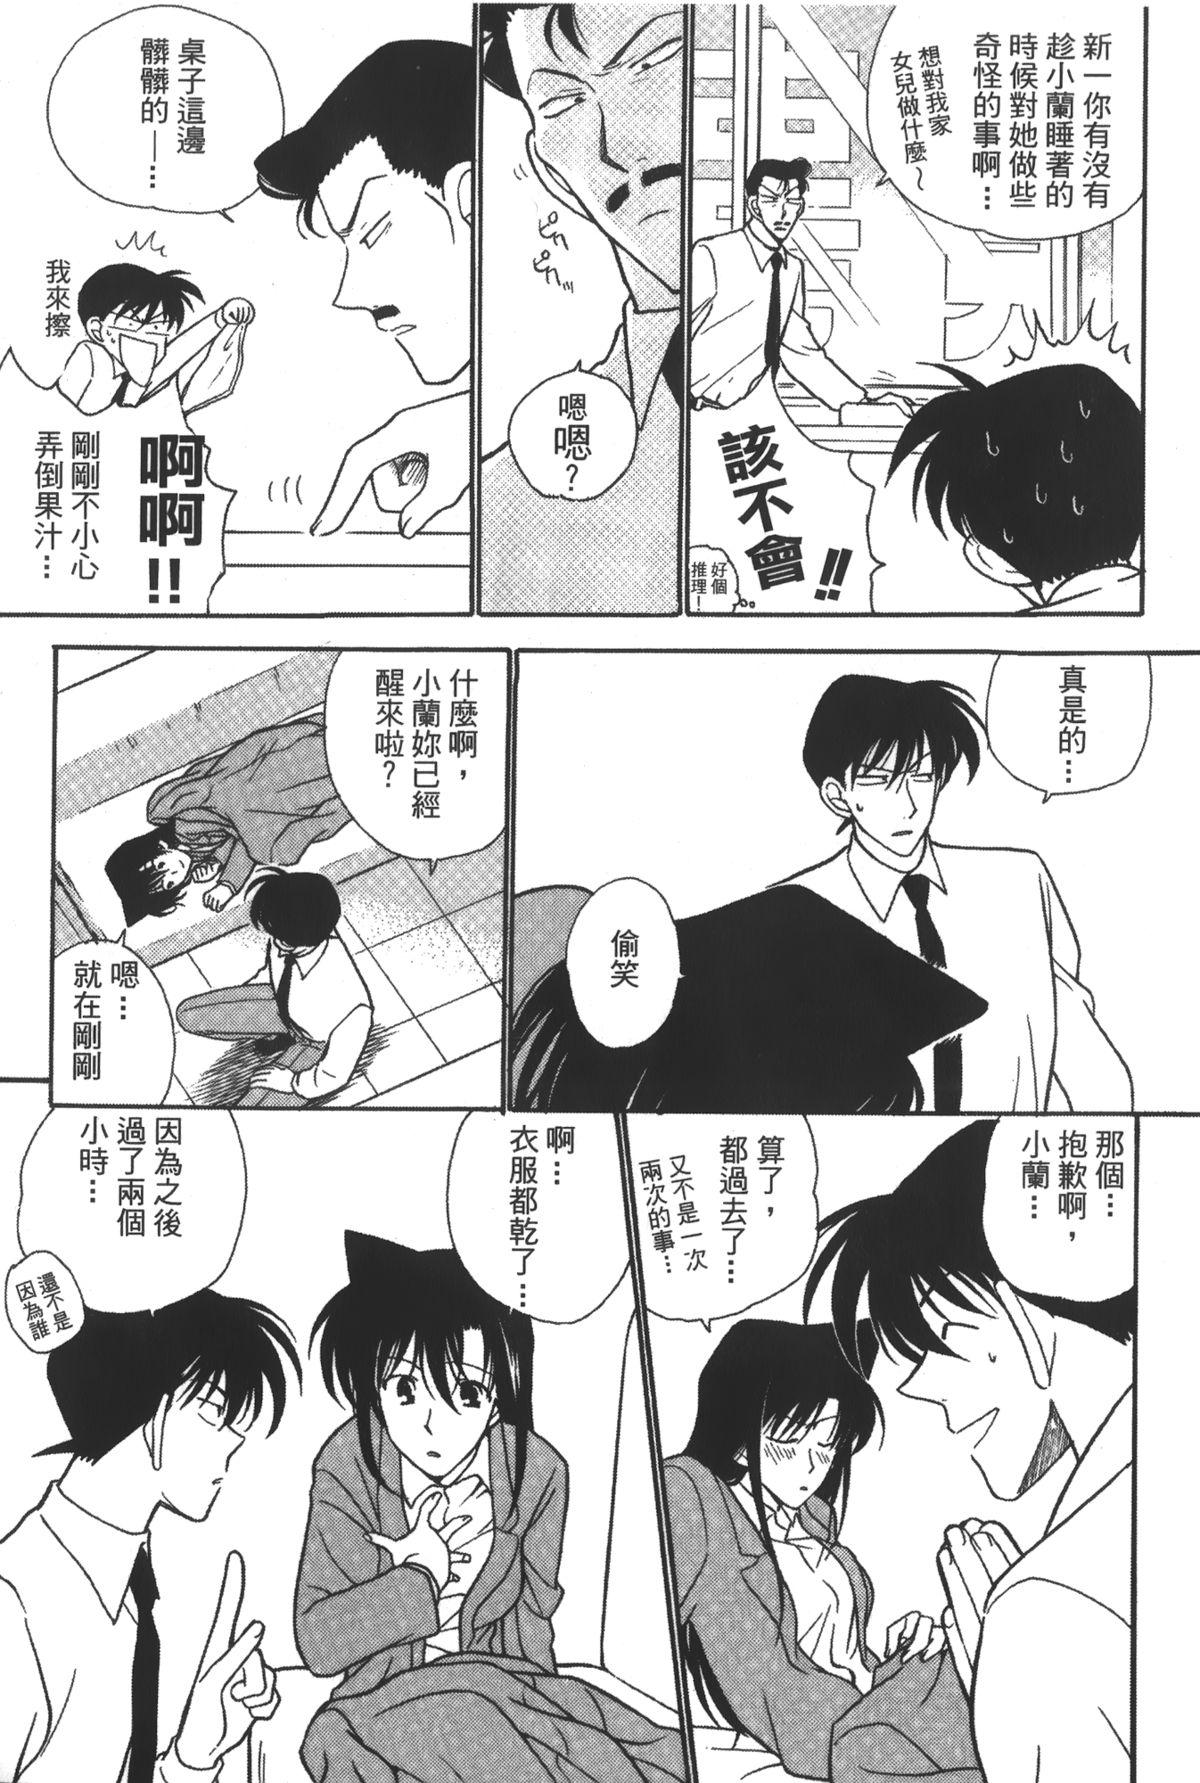 Detective Assistant Vol. 14 19